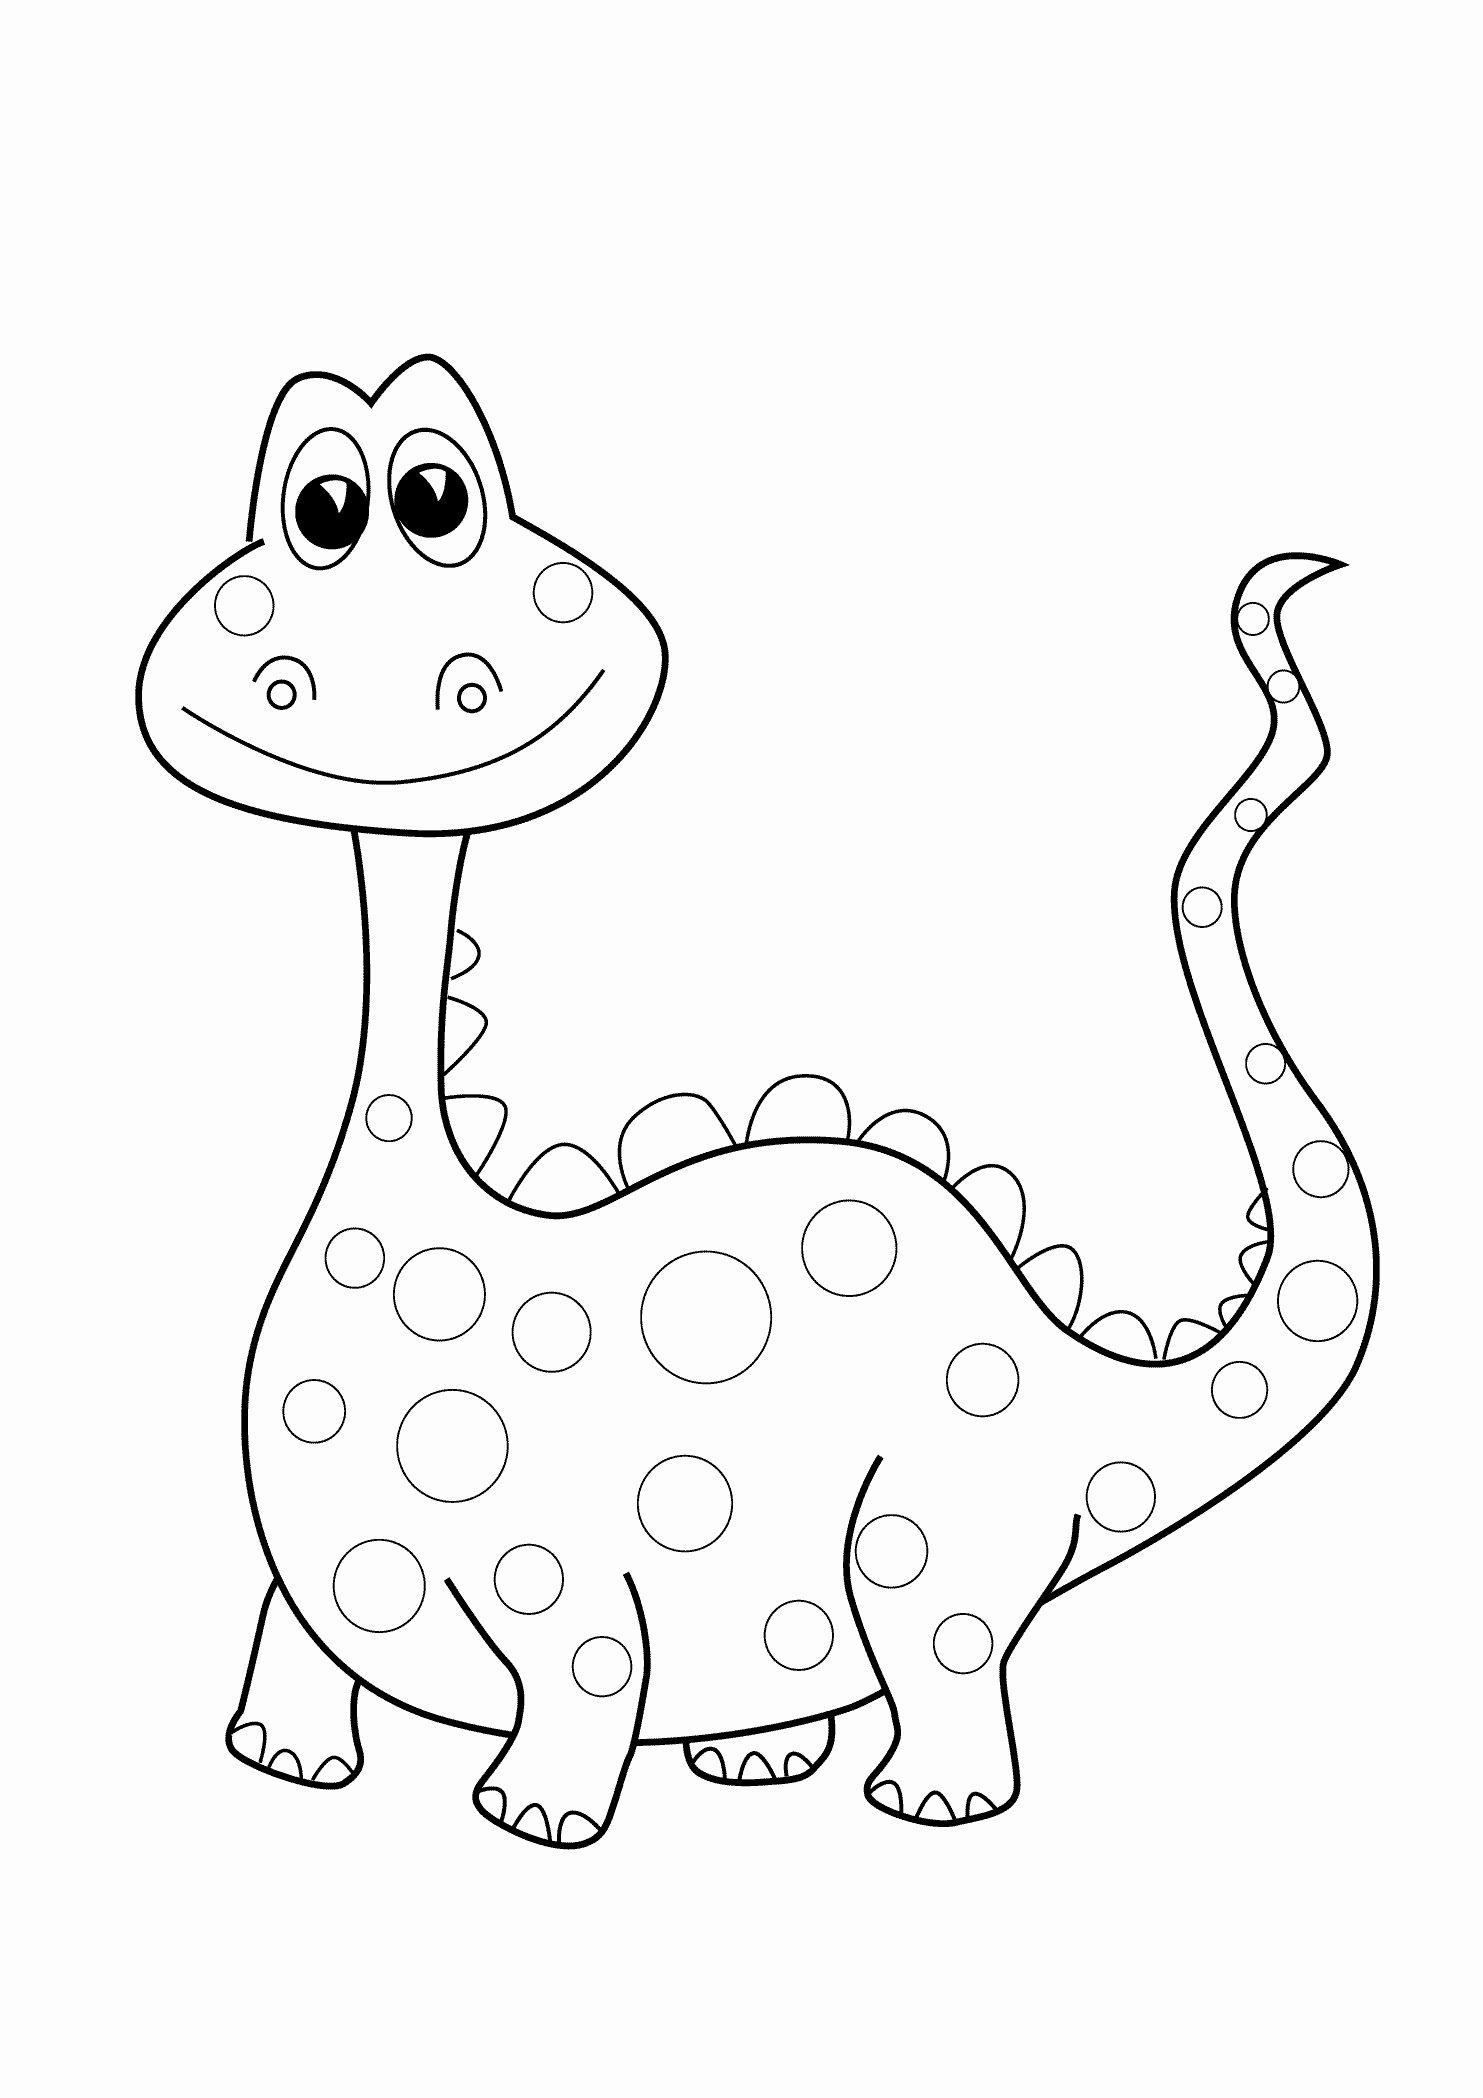 Color Black Worksheets for Preschoolers Best Of Worksheets Easy Coloring for Preschoolers Haramiran